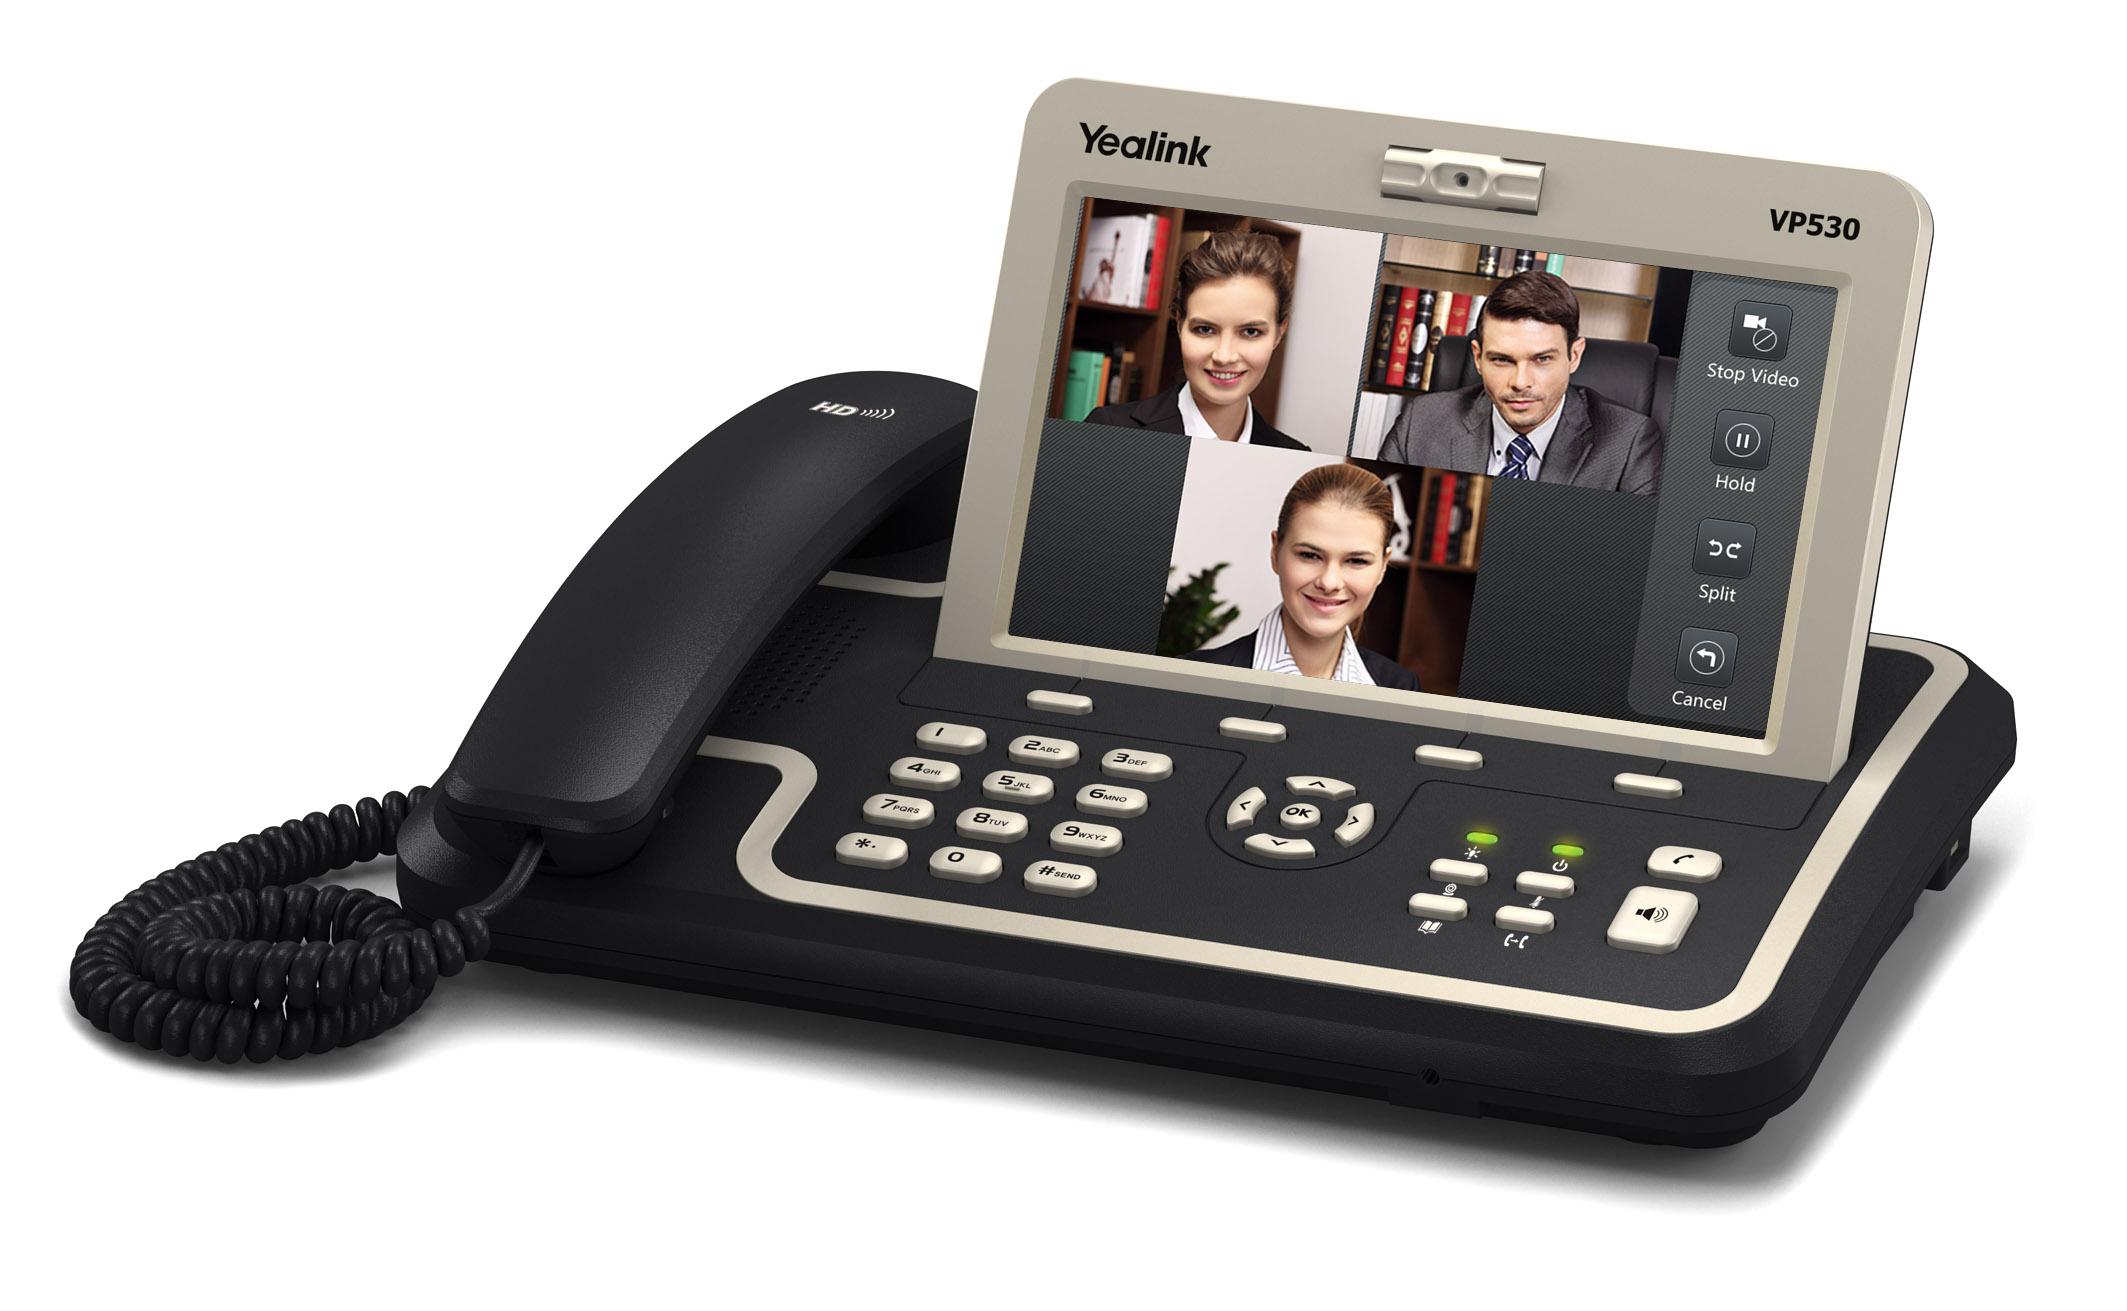 yealink vp530n ip video phone